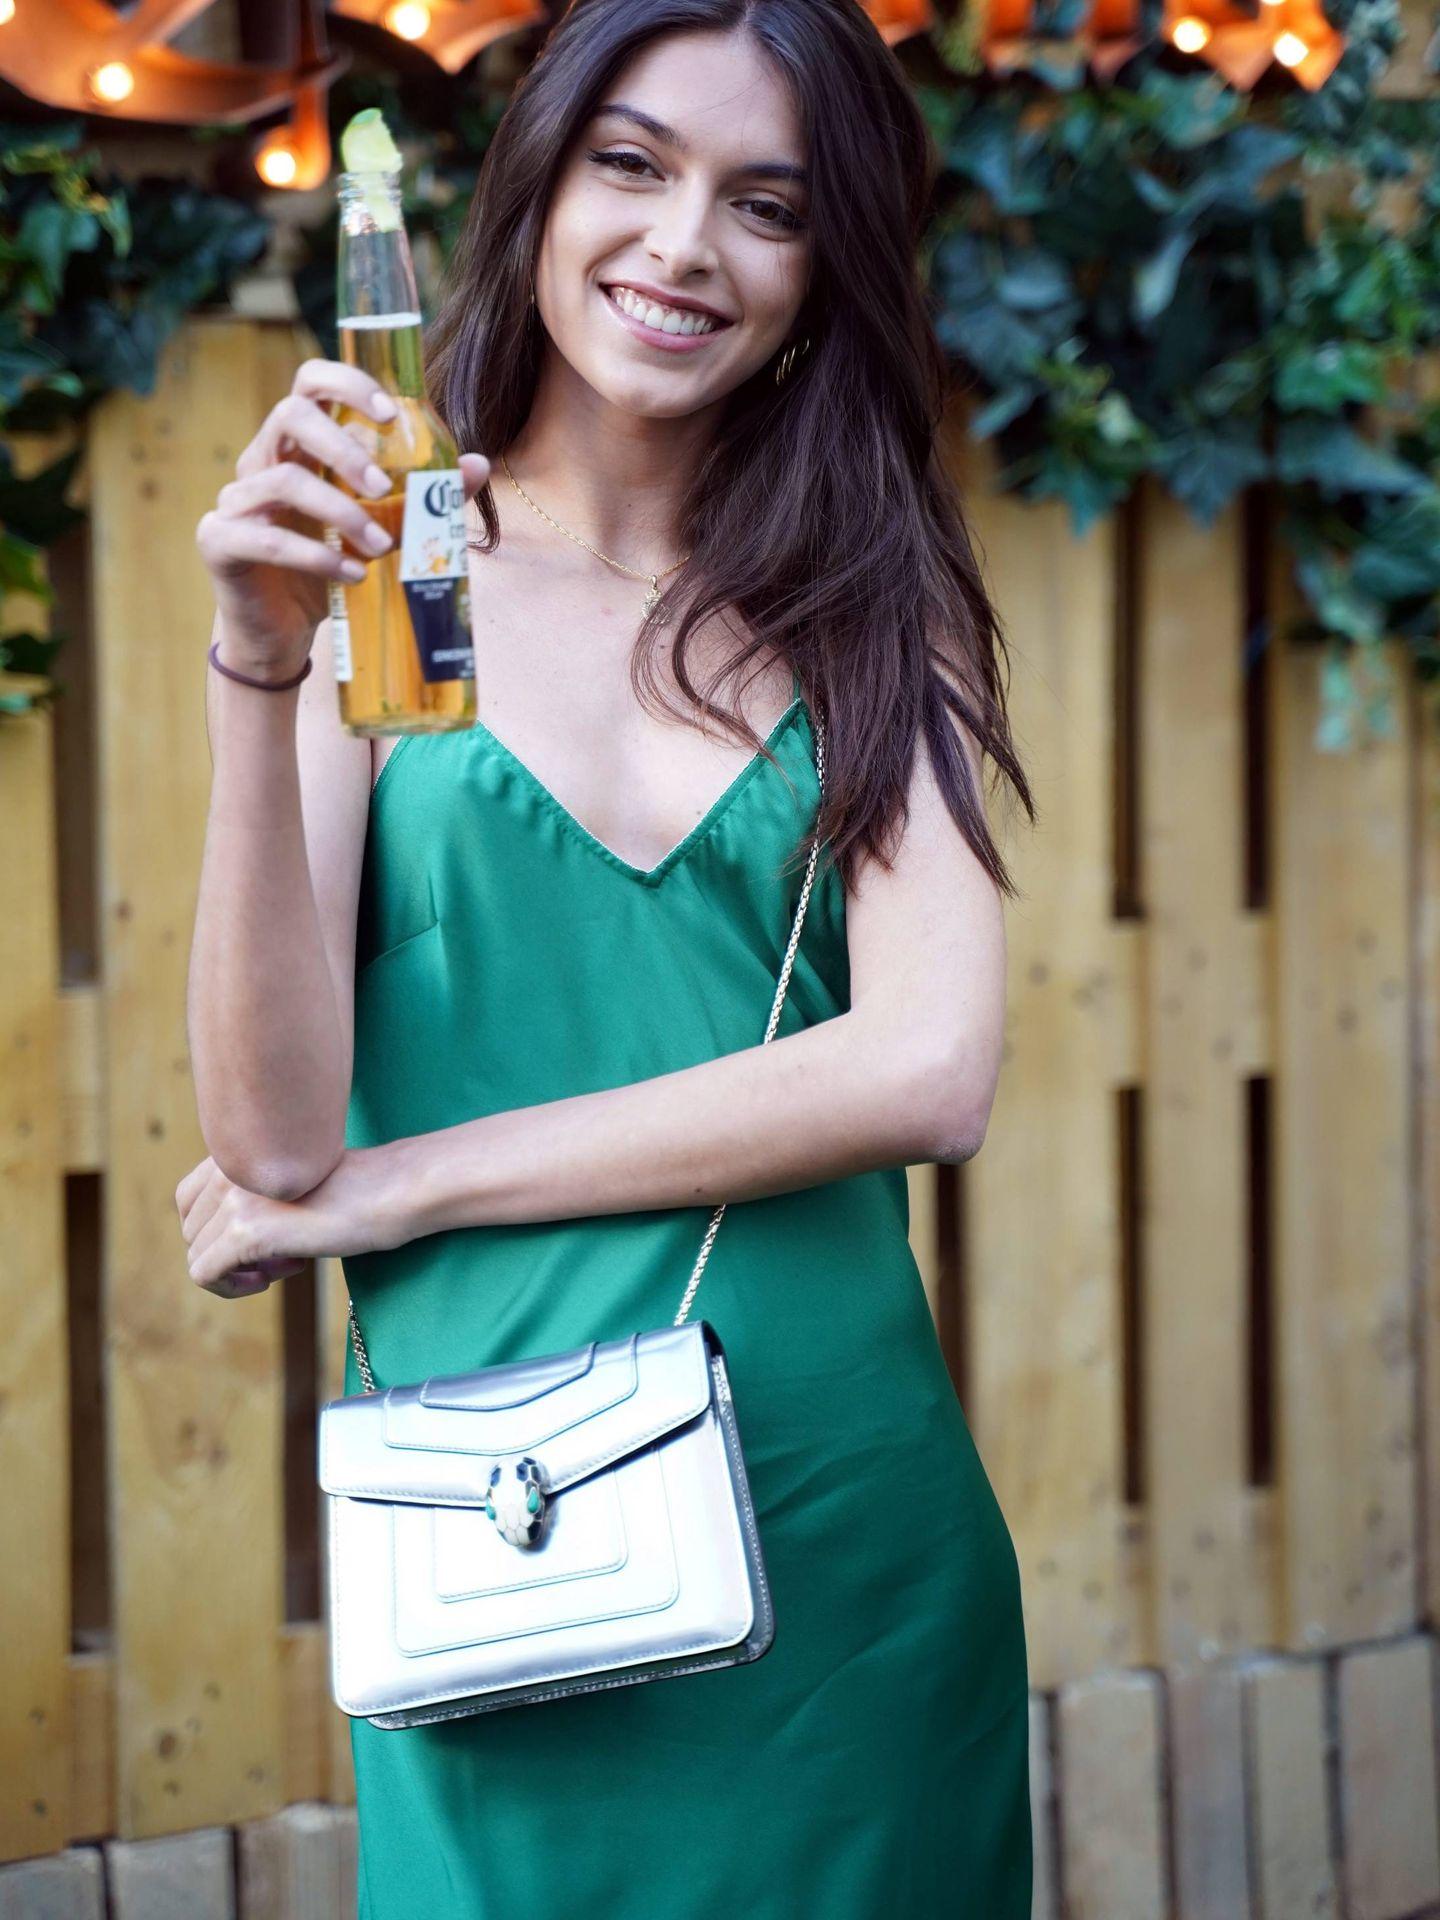 Lucía en el evento de Corona. (Cordon Press)